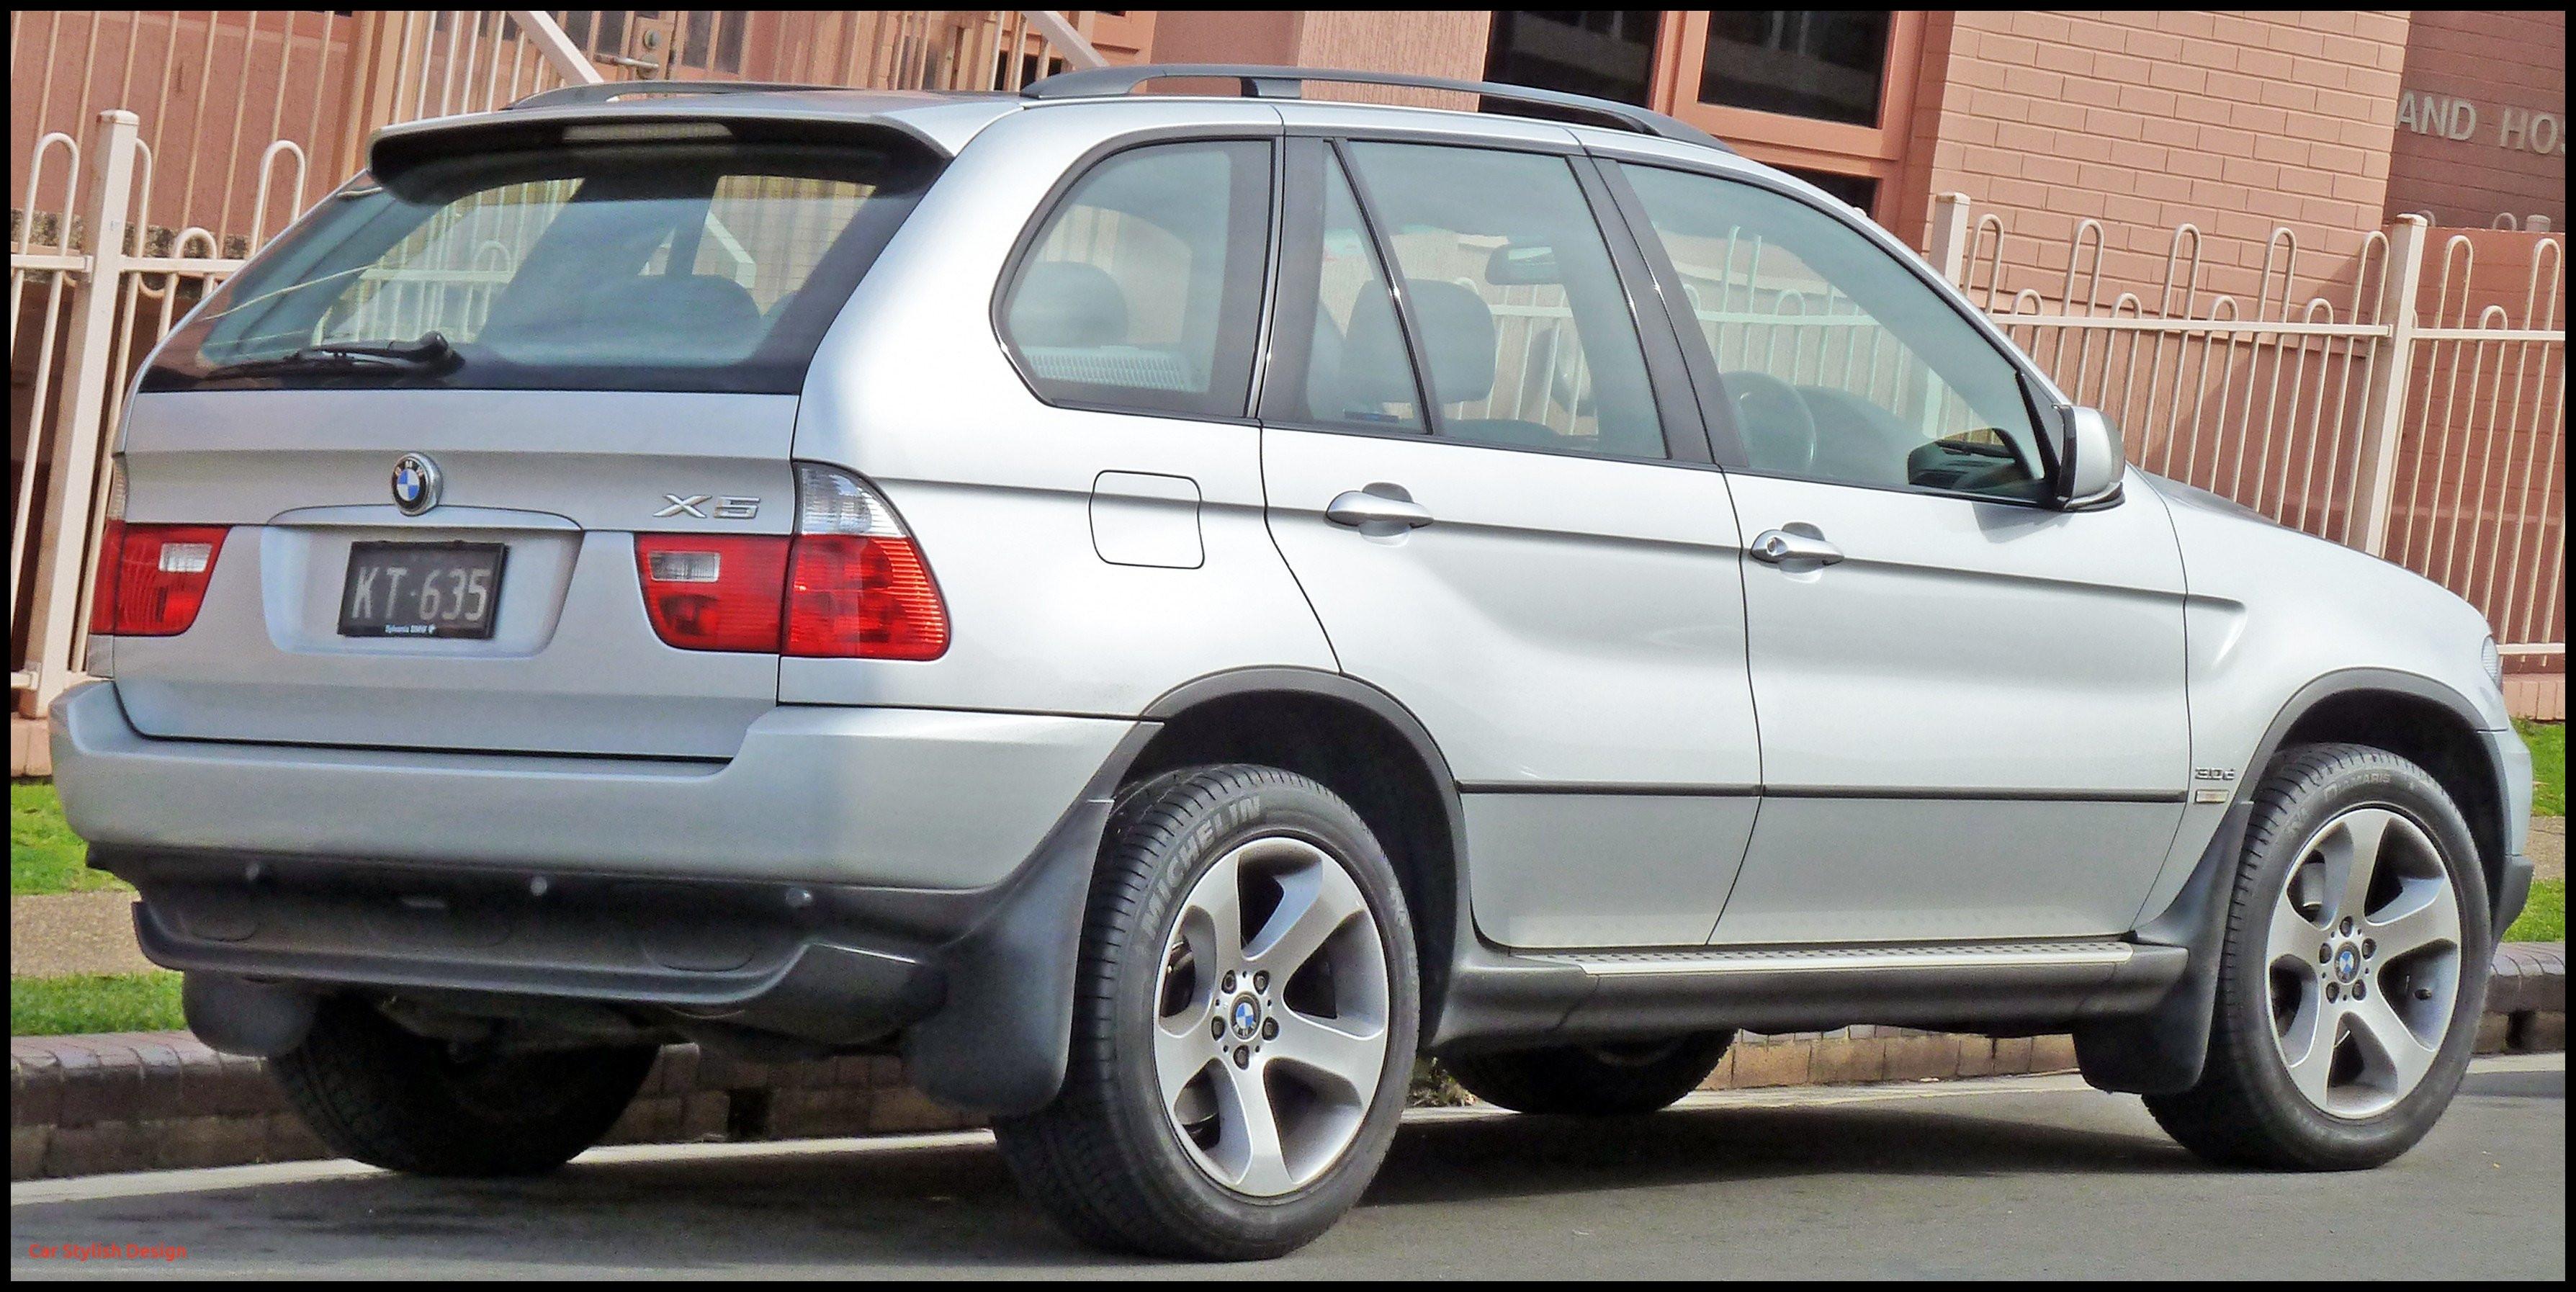 Bmw 325 I 2003 New Fresh 2002 Bmw 325i – Car Stylish Design